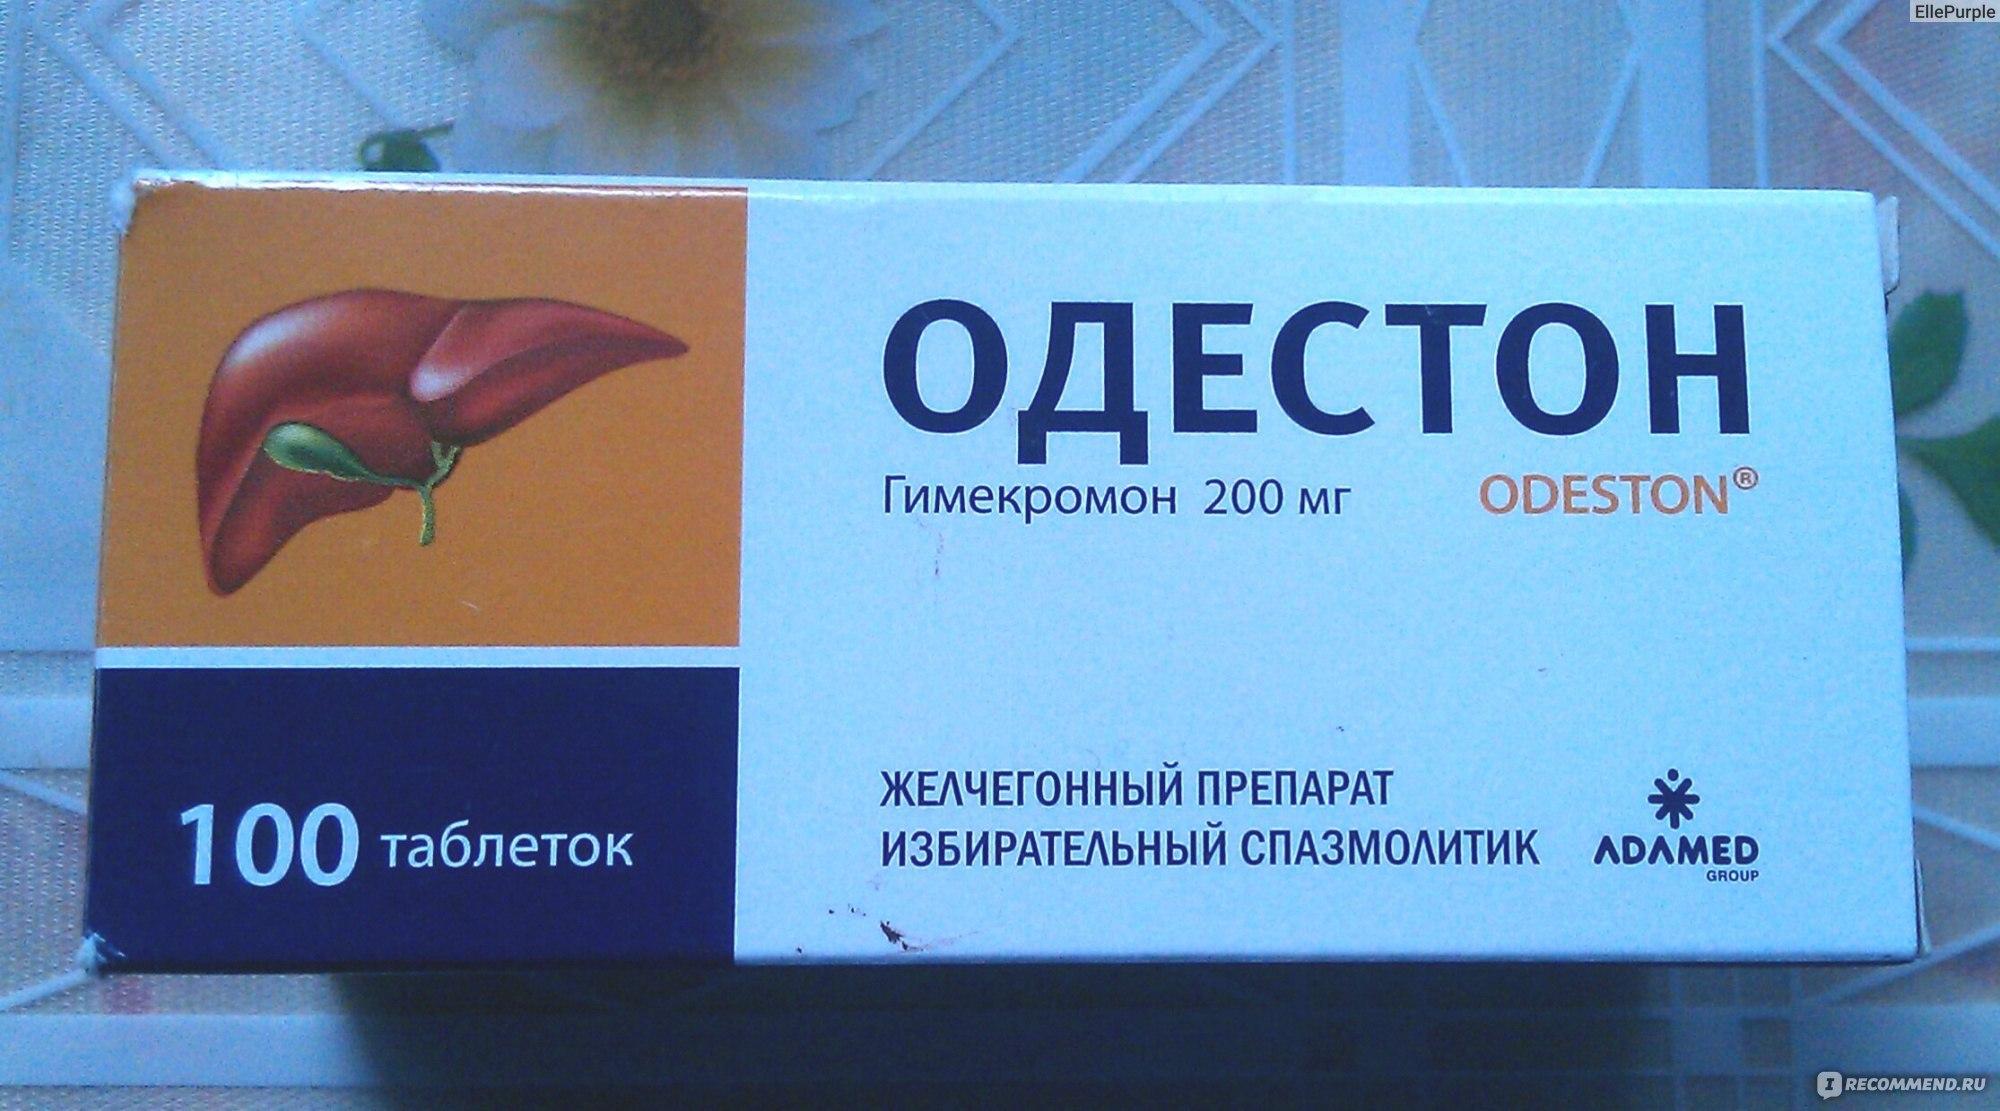 Одестон: инструкция по применению, аналоги и отзывы, цены в аптеках россии